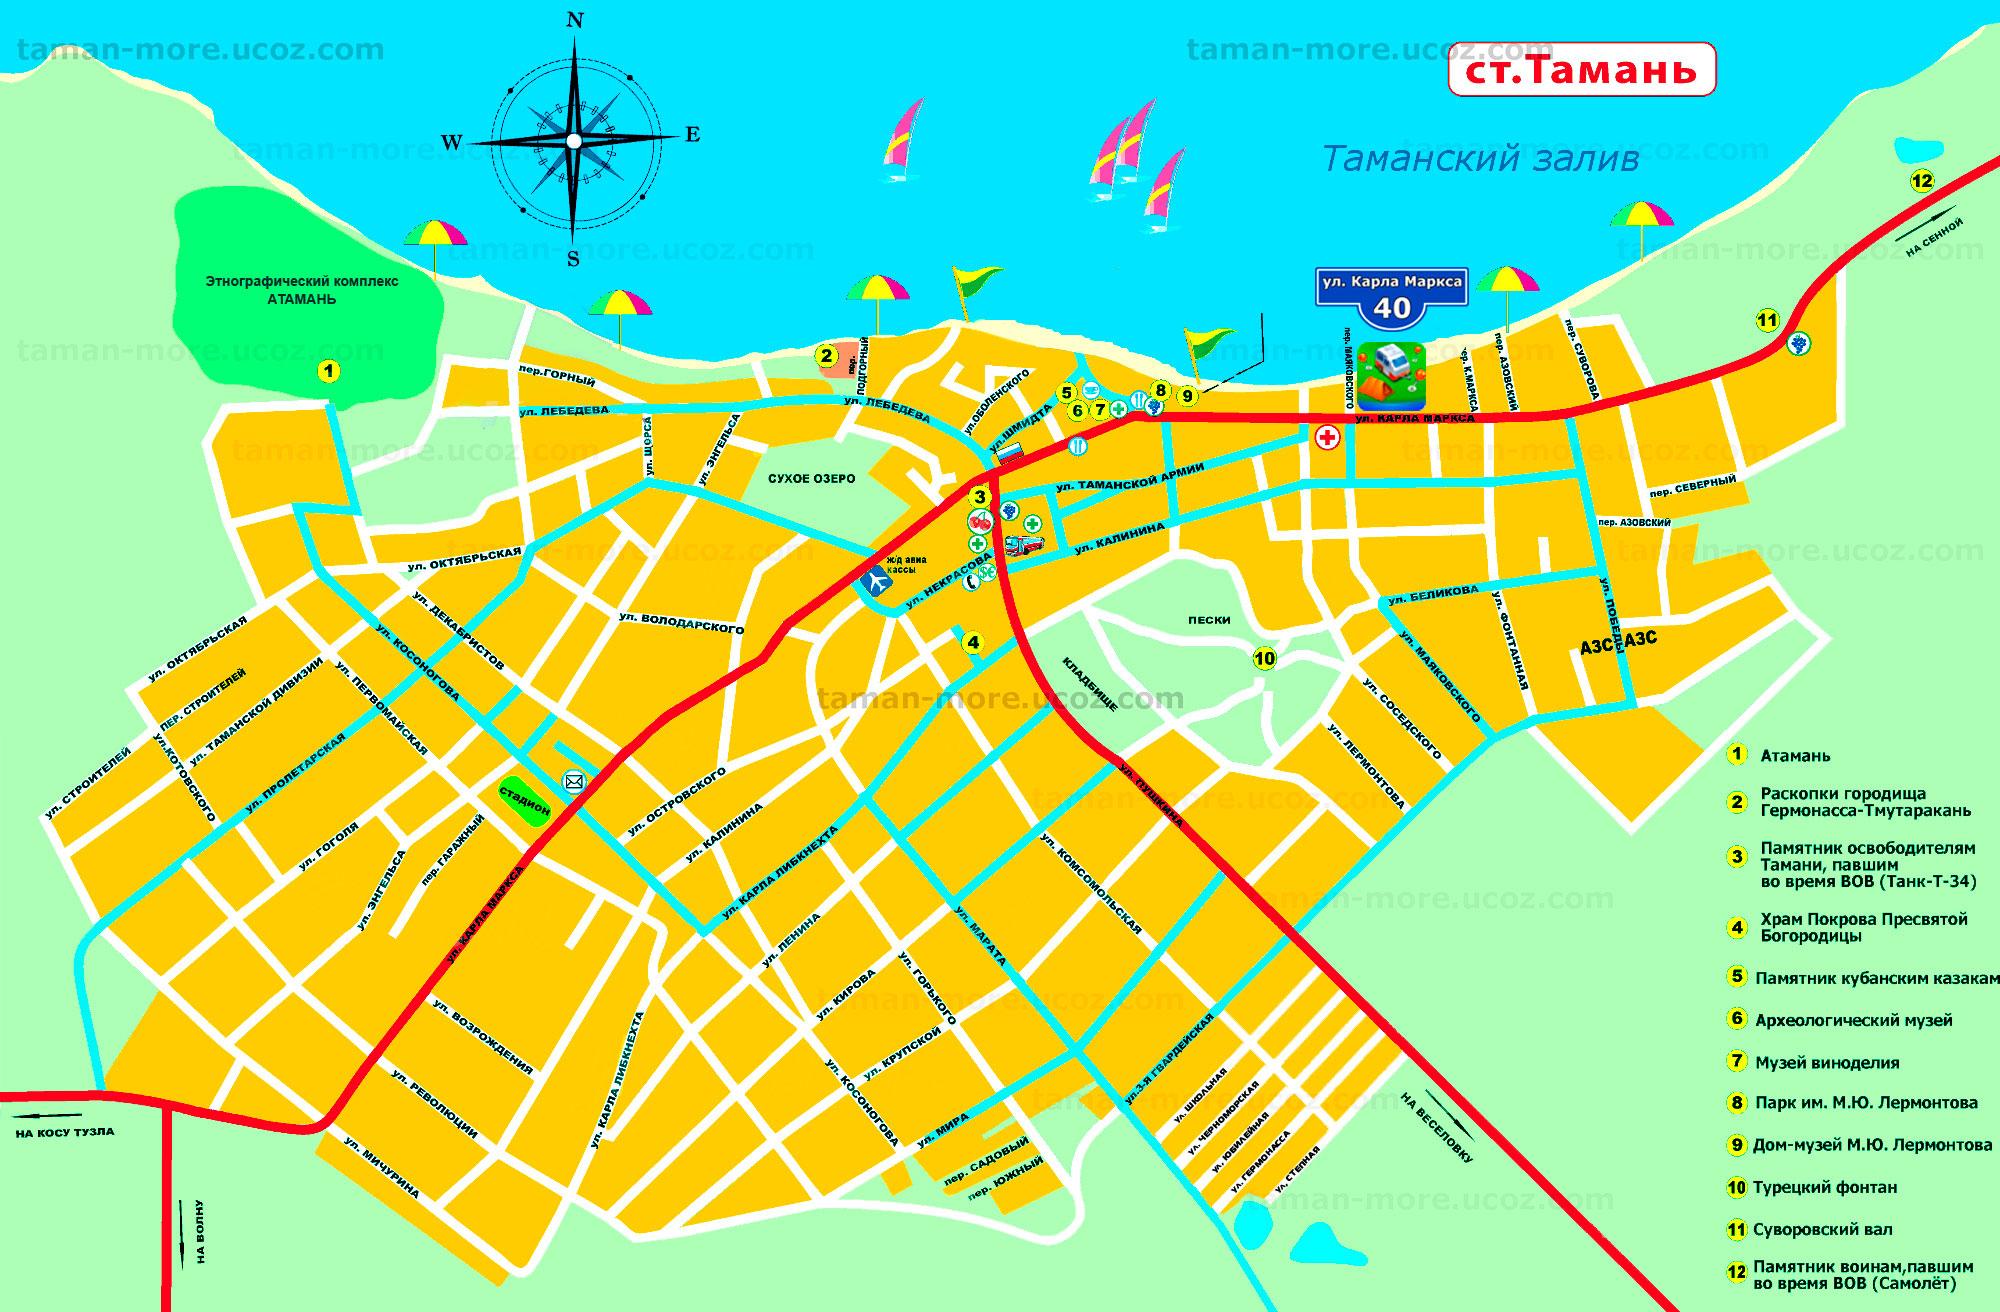 Автокемпинг на Черном море - Отдых в Тамани - Отдых на ...: http://taman-more.ucoz.com/index/po_istoricheskim_mestam/0-16